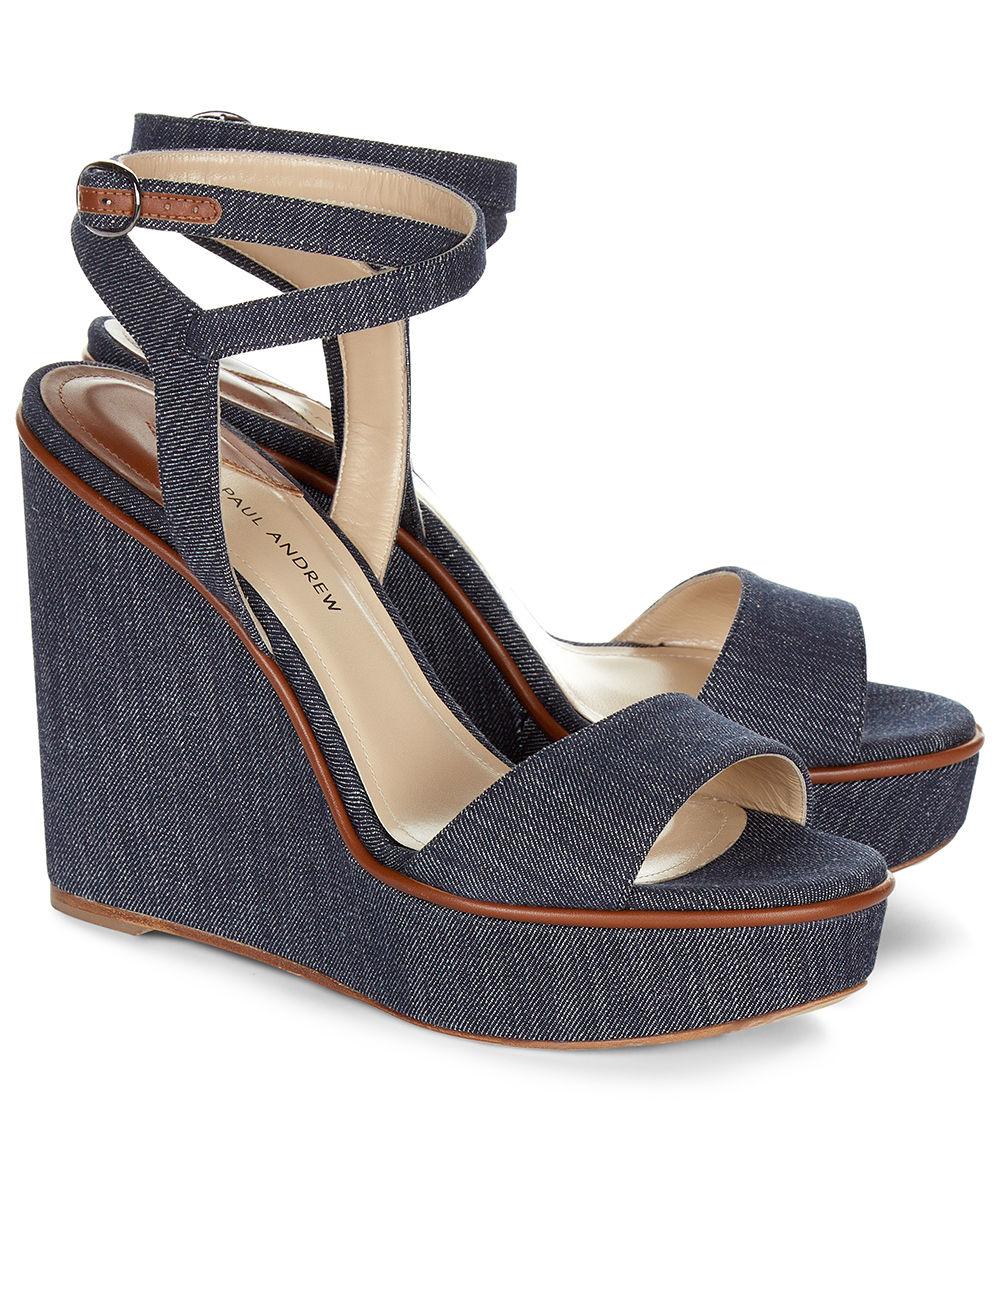 paul andrew indigo denim wedge sandals in blue lyst